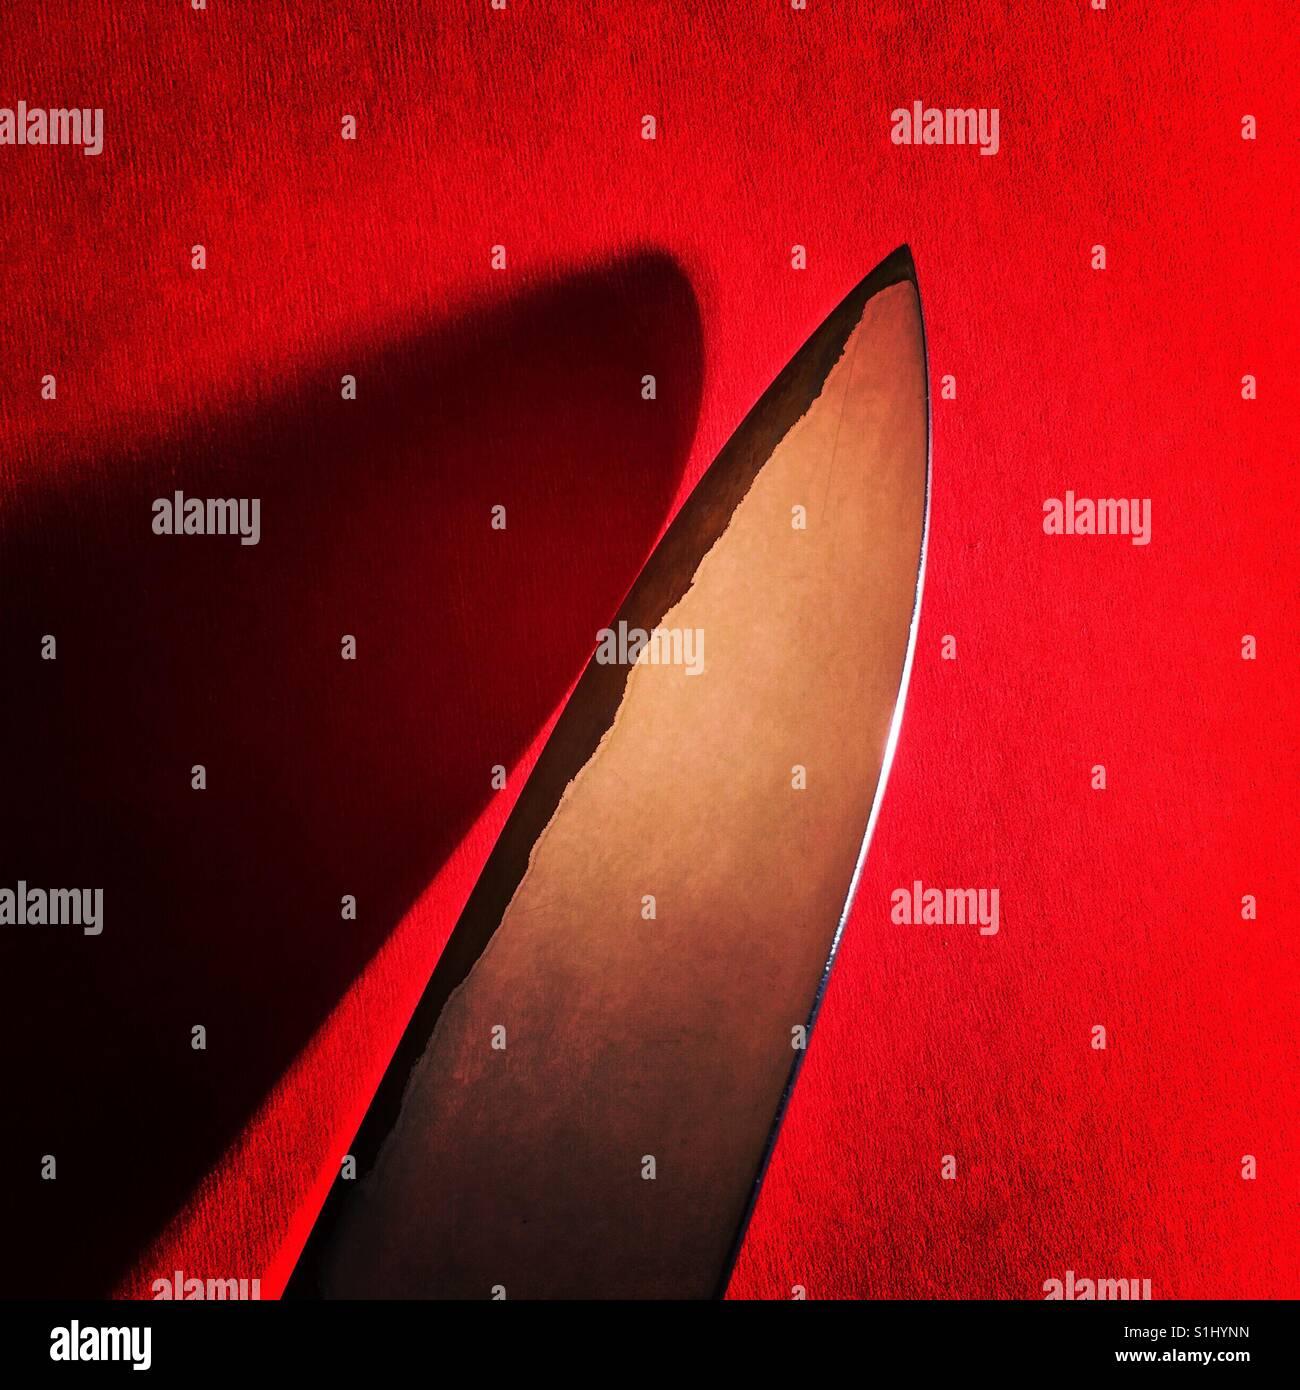 La hoja de un cuchillo sobre una superficie roja con una sombra profunda Imagen De Stock